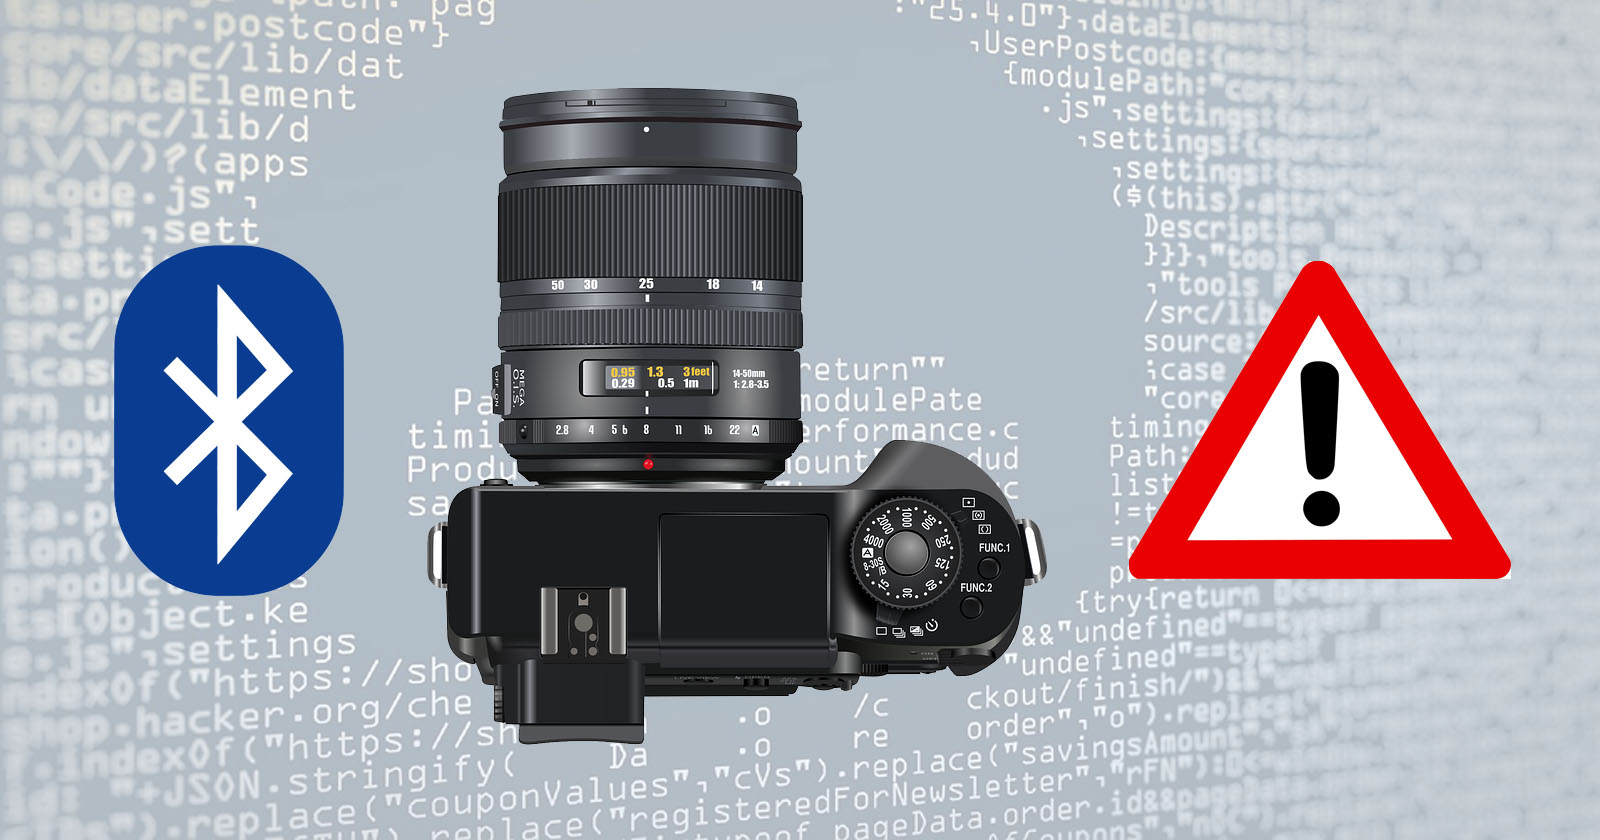 Una vulnerabilità critica colpisce le fotocamere abilitate per Bluetooth